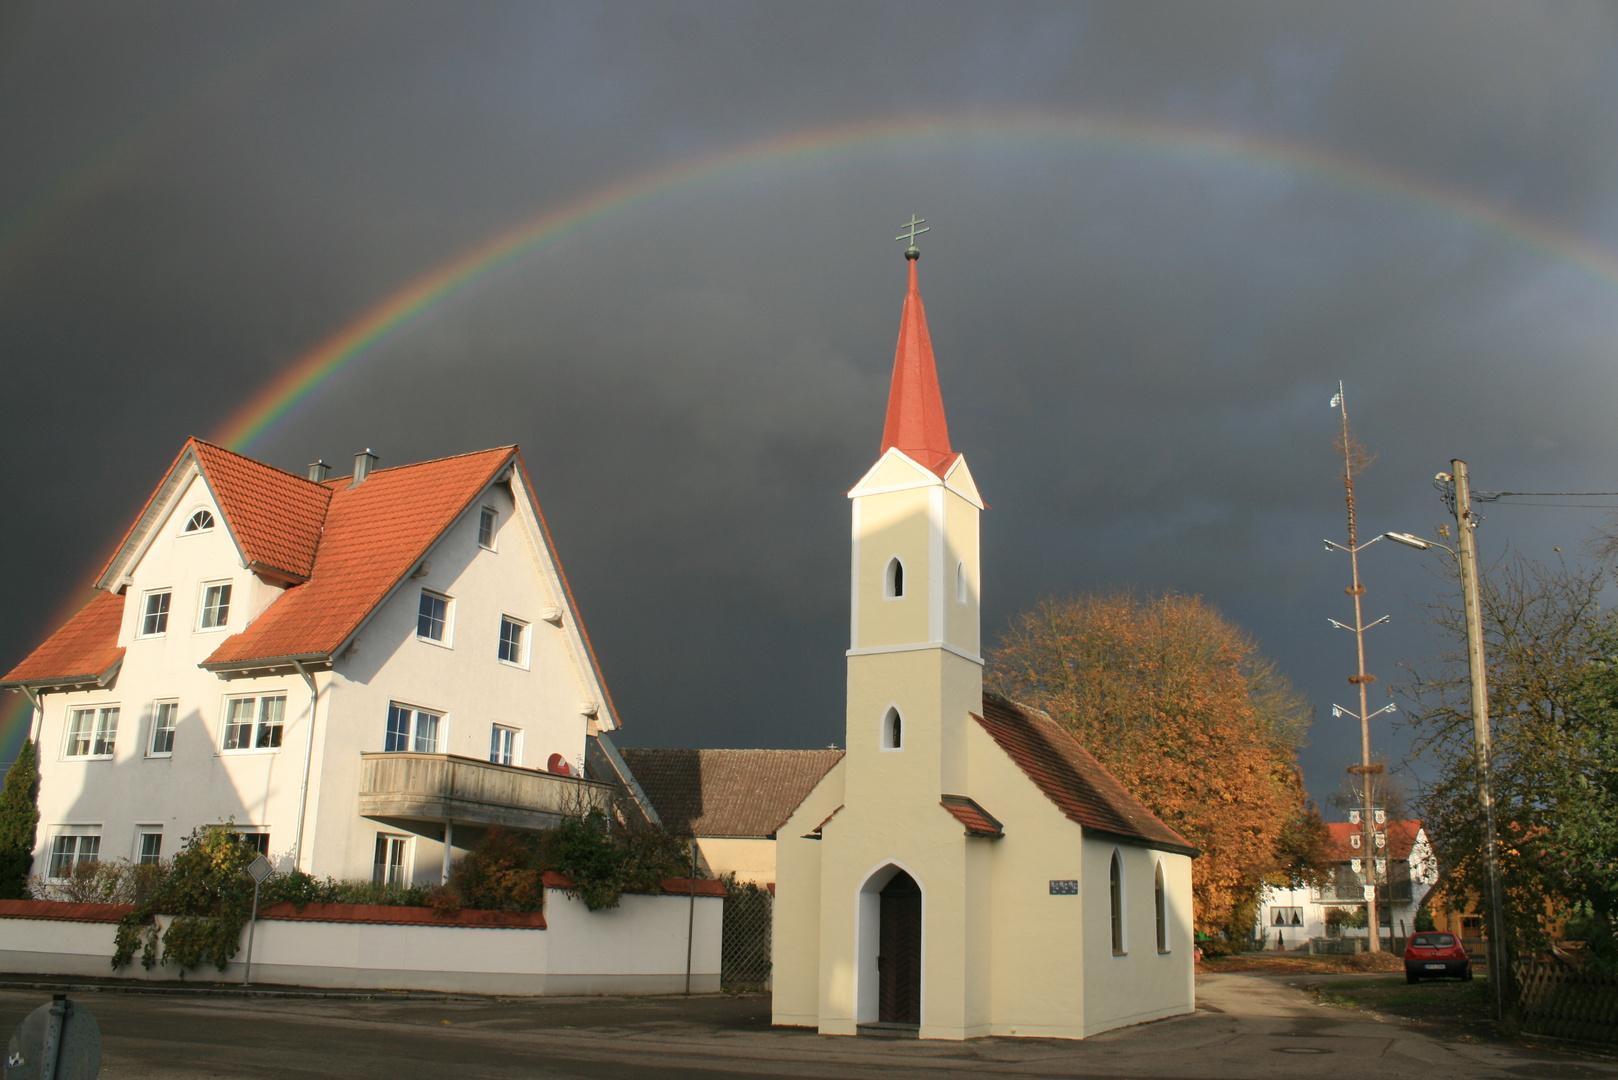 Regenbogen in Hartacker